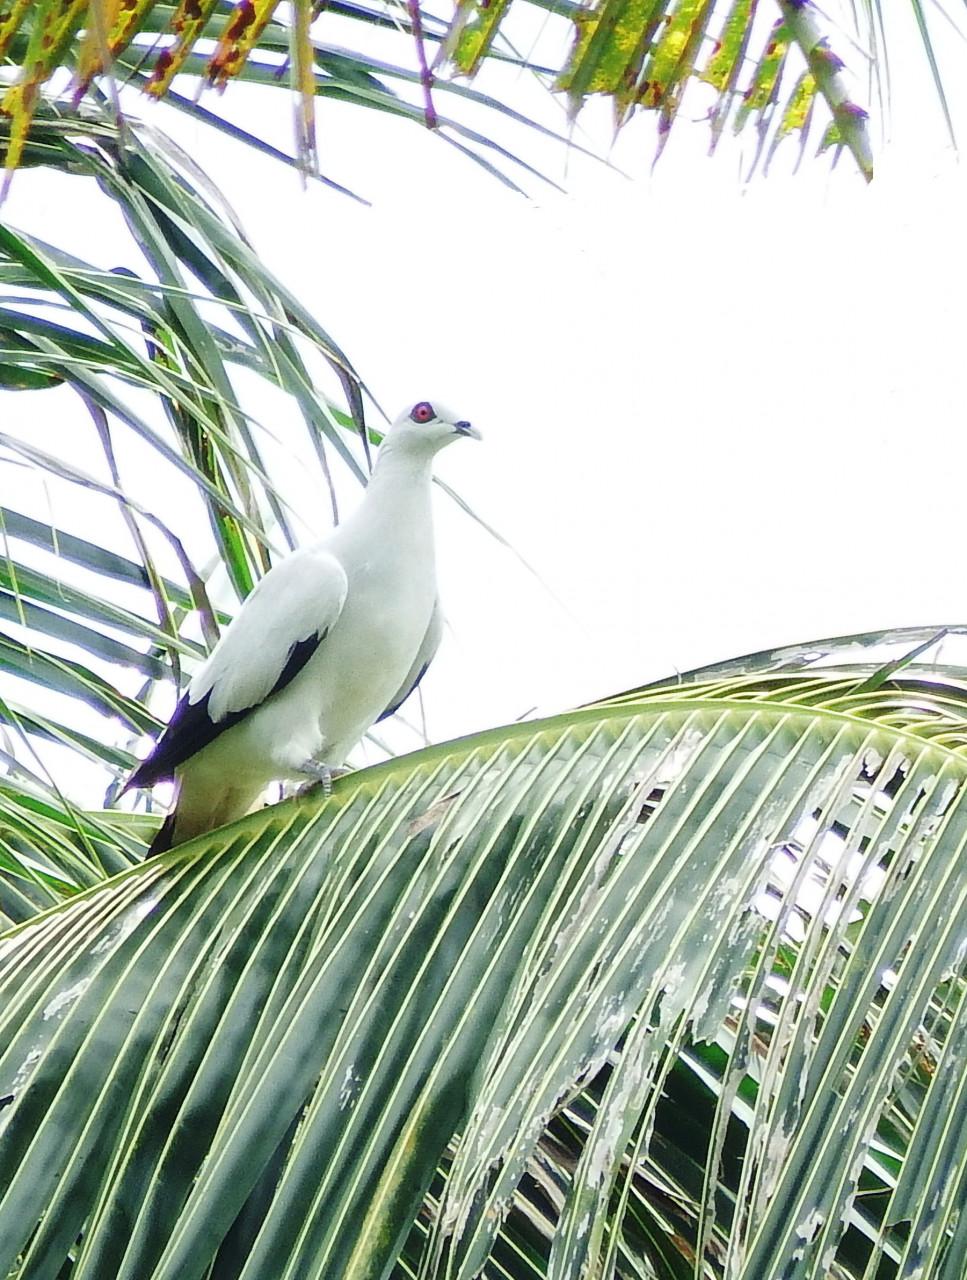 Neue Populationserfassung von Vogelarten auf der Insel Simeulue